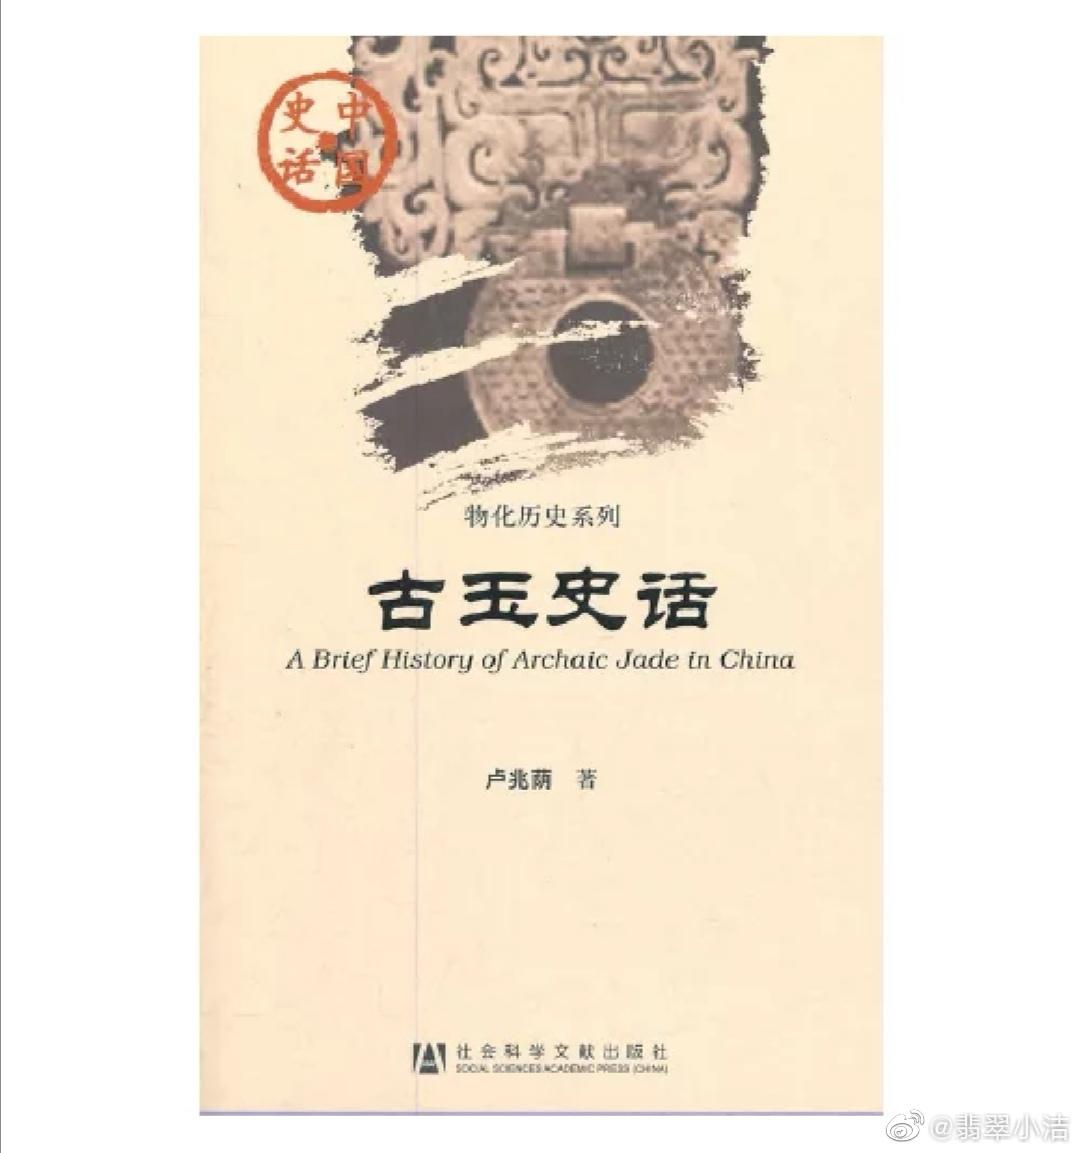 中国玉器从原始社会开始,就和意识形态联系在一起